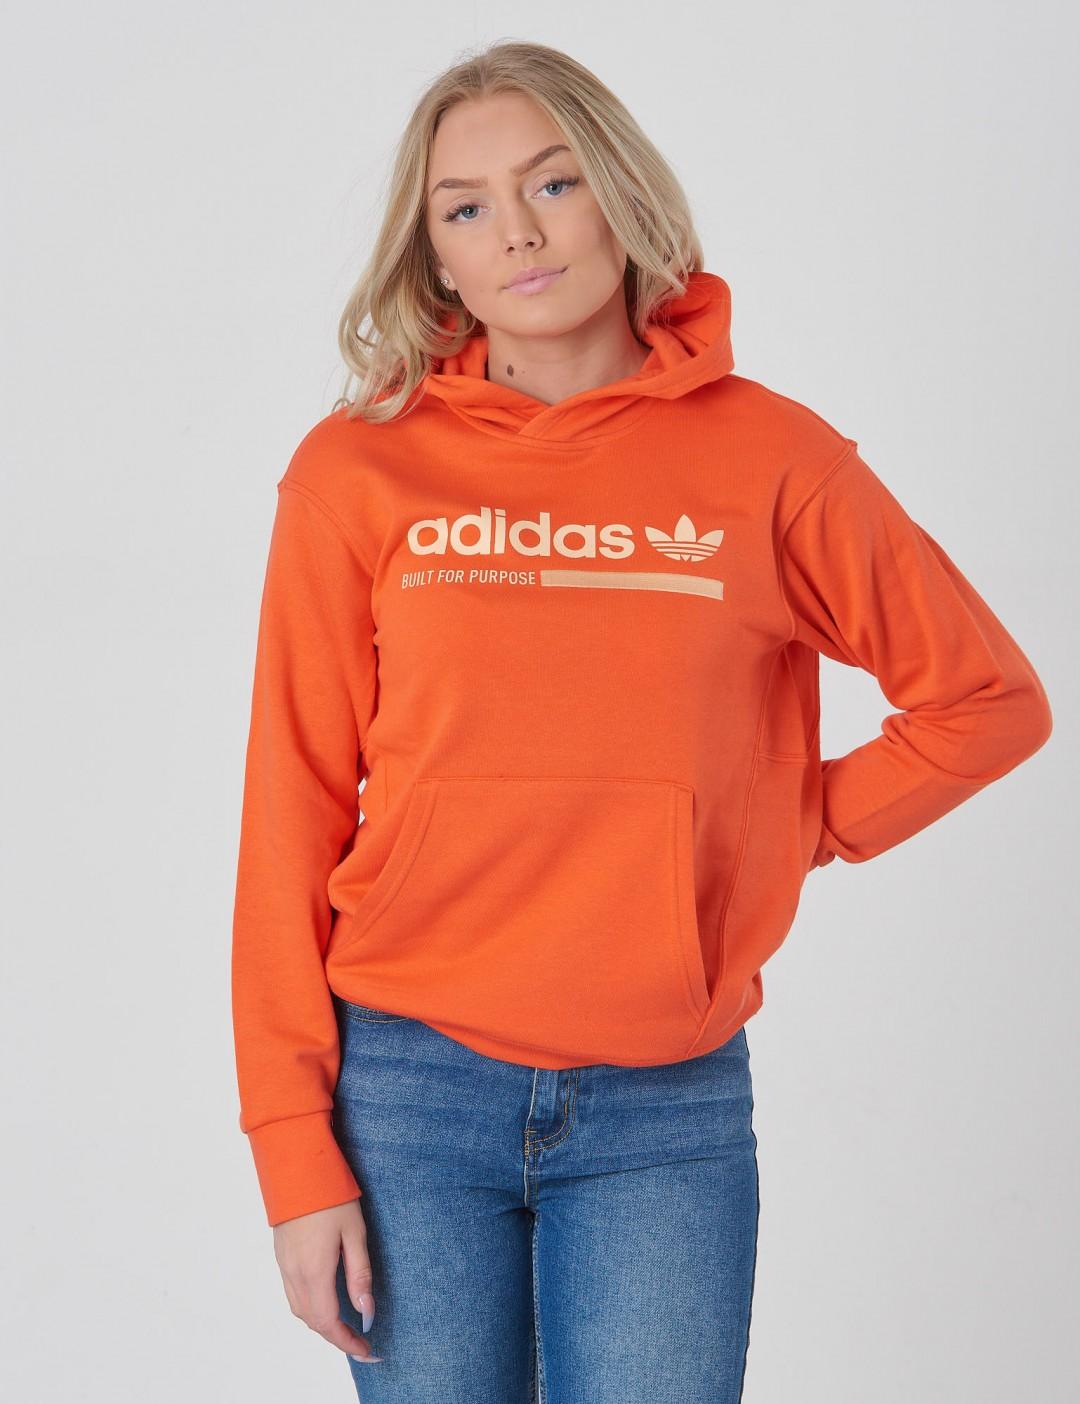 Adidas Originals Hoodies Adidas Originals Jar